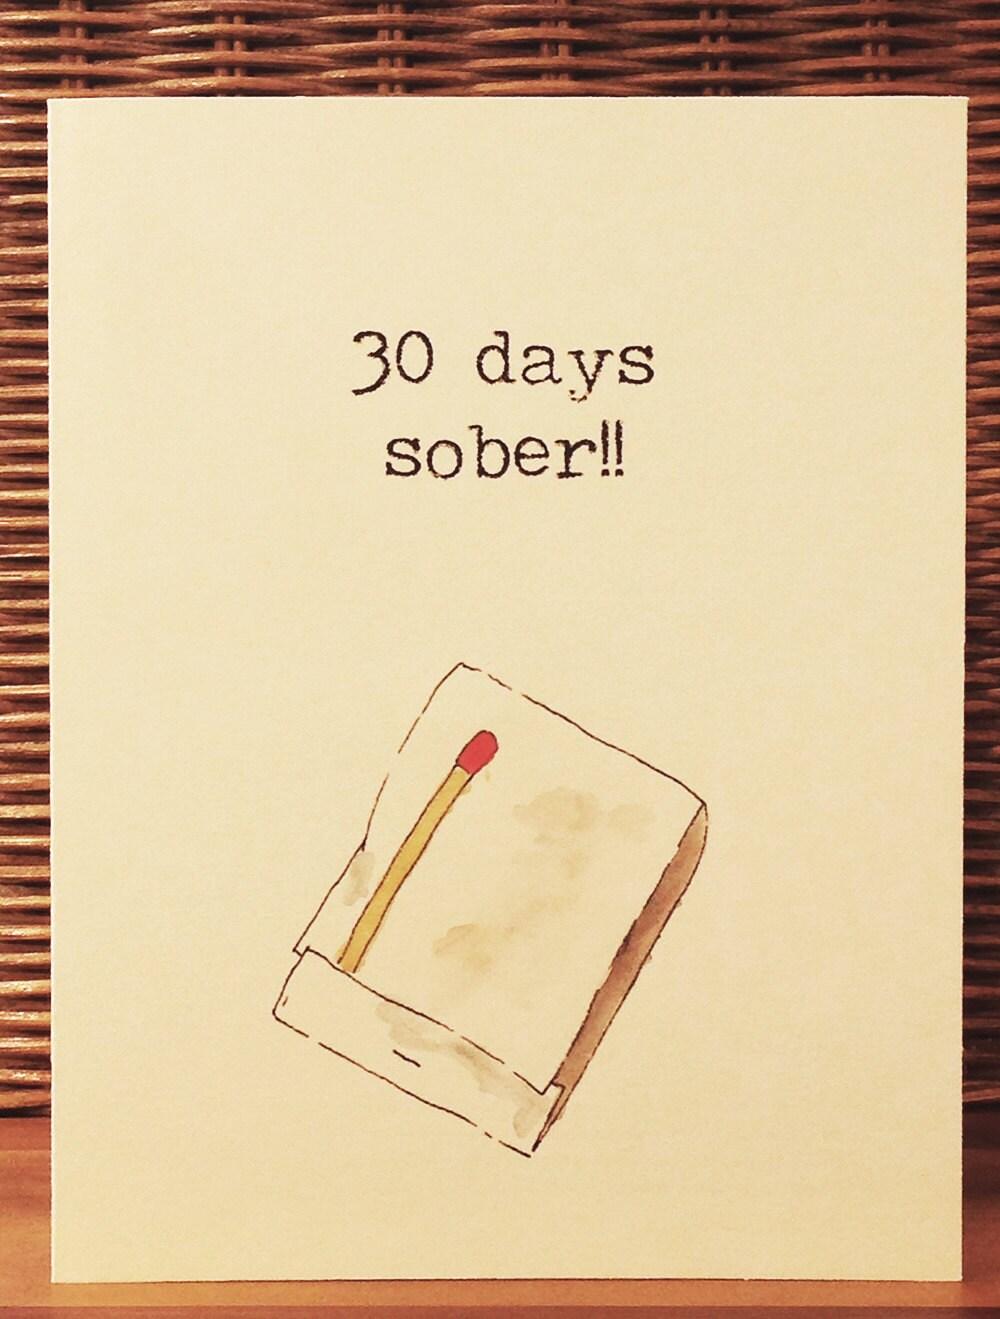 Image result for 30 days sober